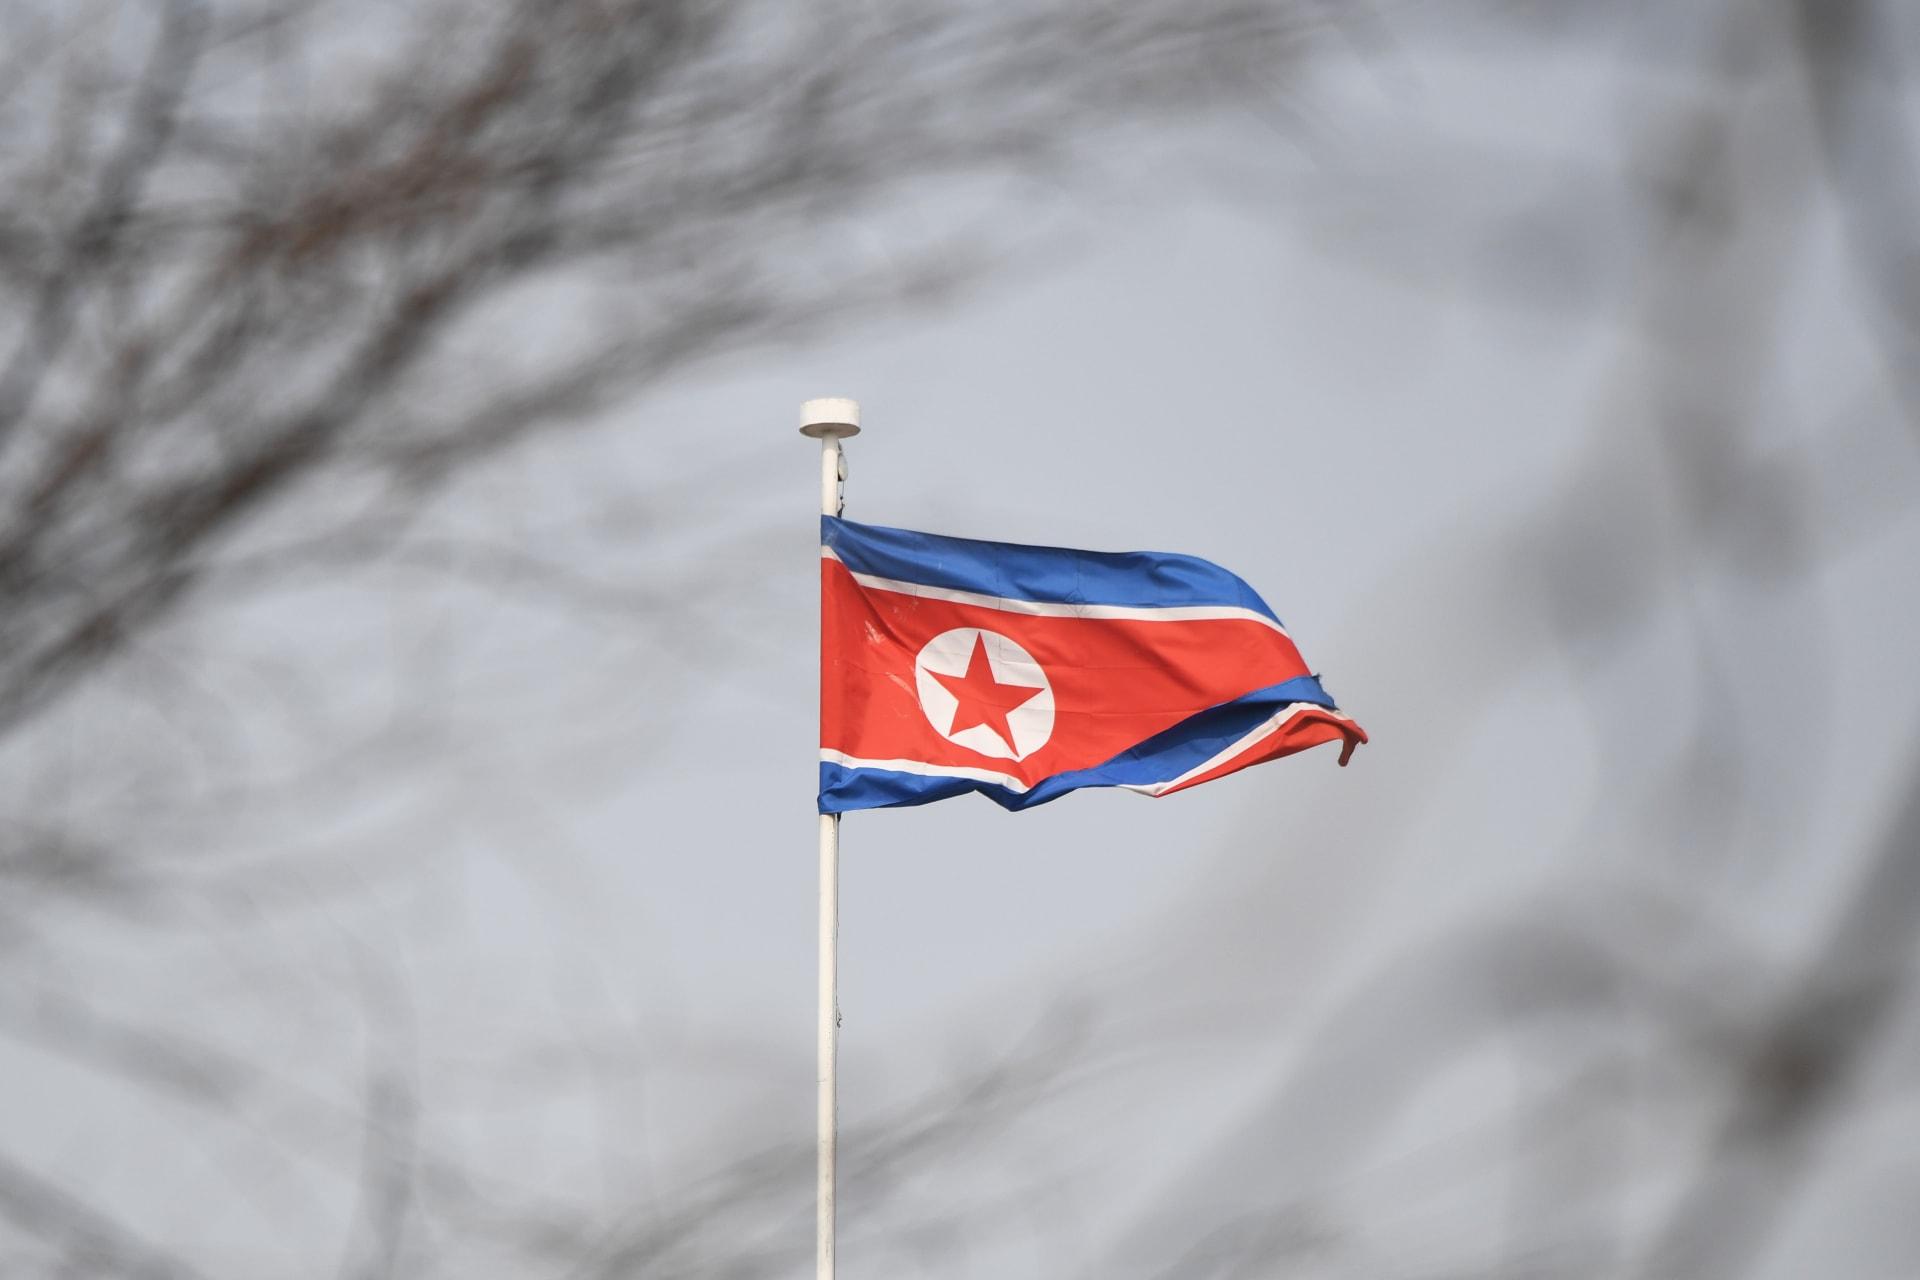 مصادر: مسؤولون من كوريا الشمالية يتجهون لفنلندا لمحادثات حول التسلّح النووي